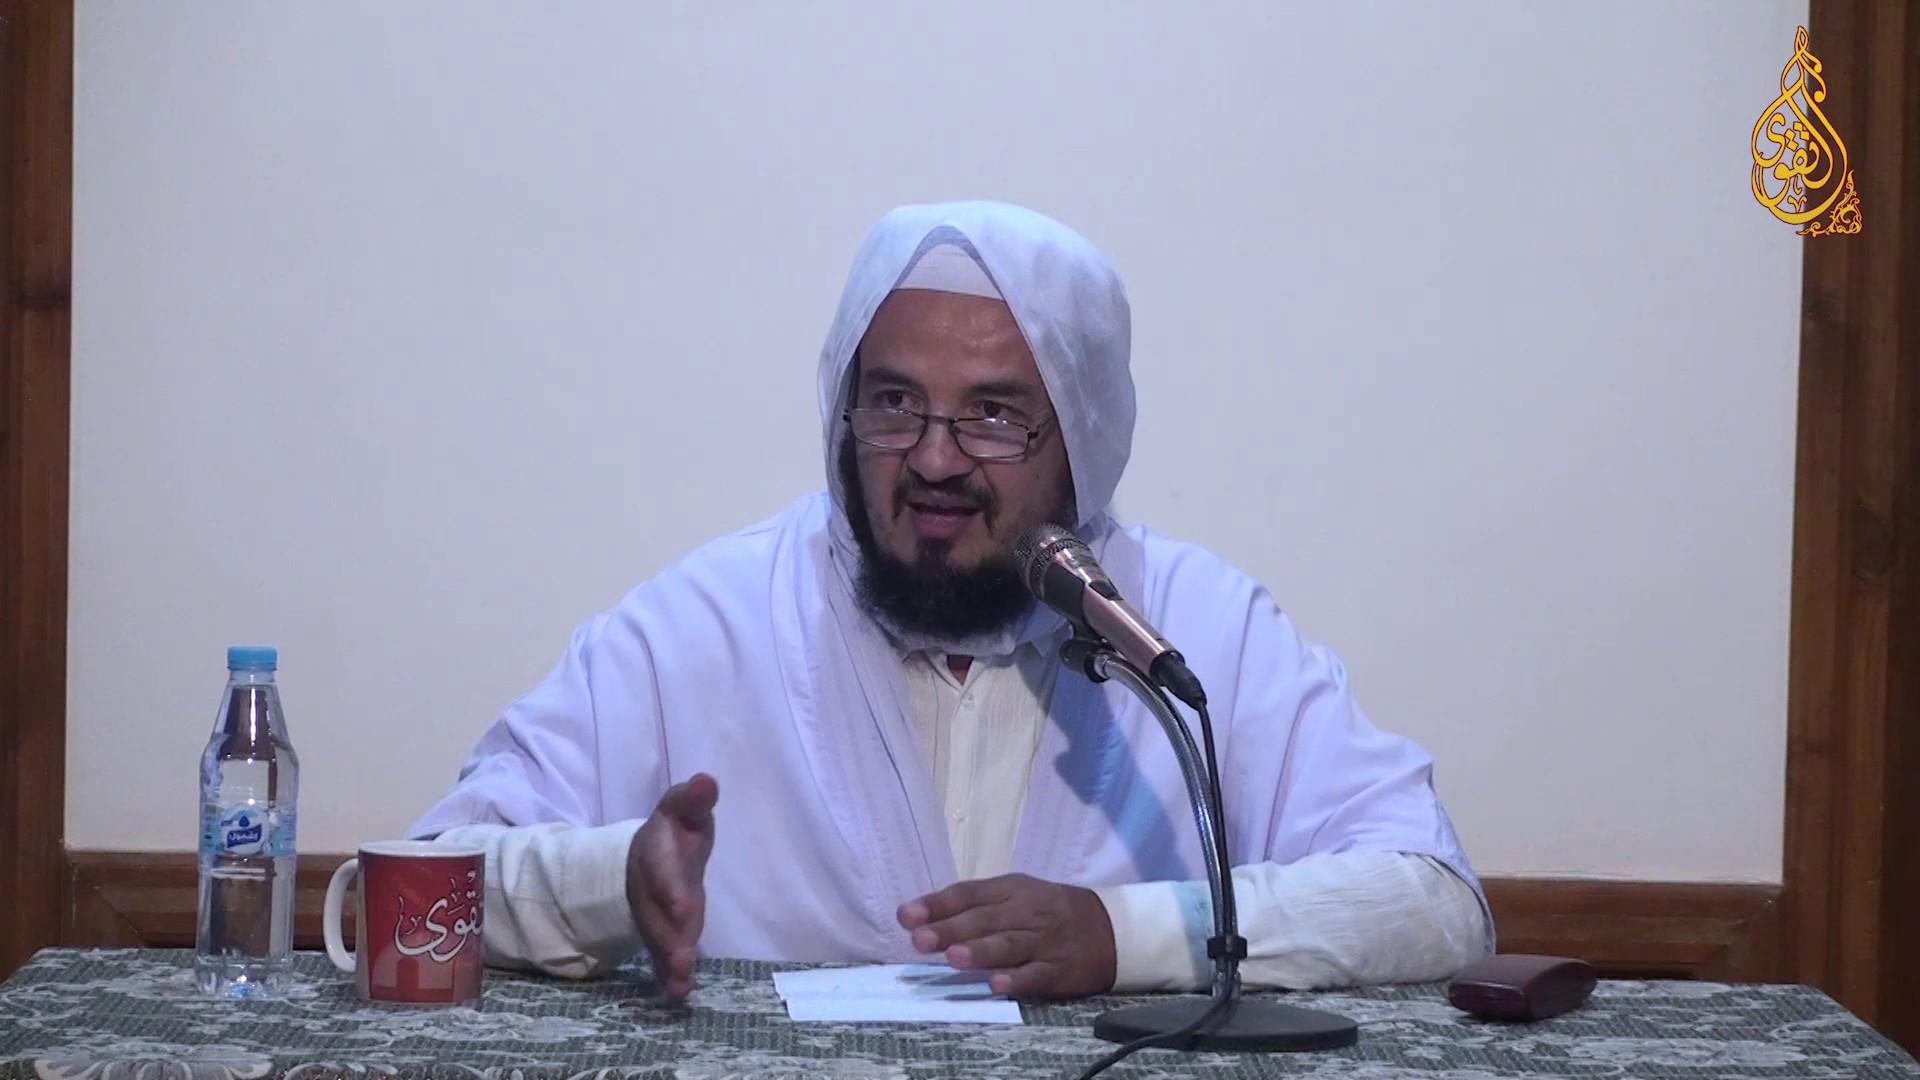 حقيقة الحياة الدنيا من خلال القرآن اكريم 01